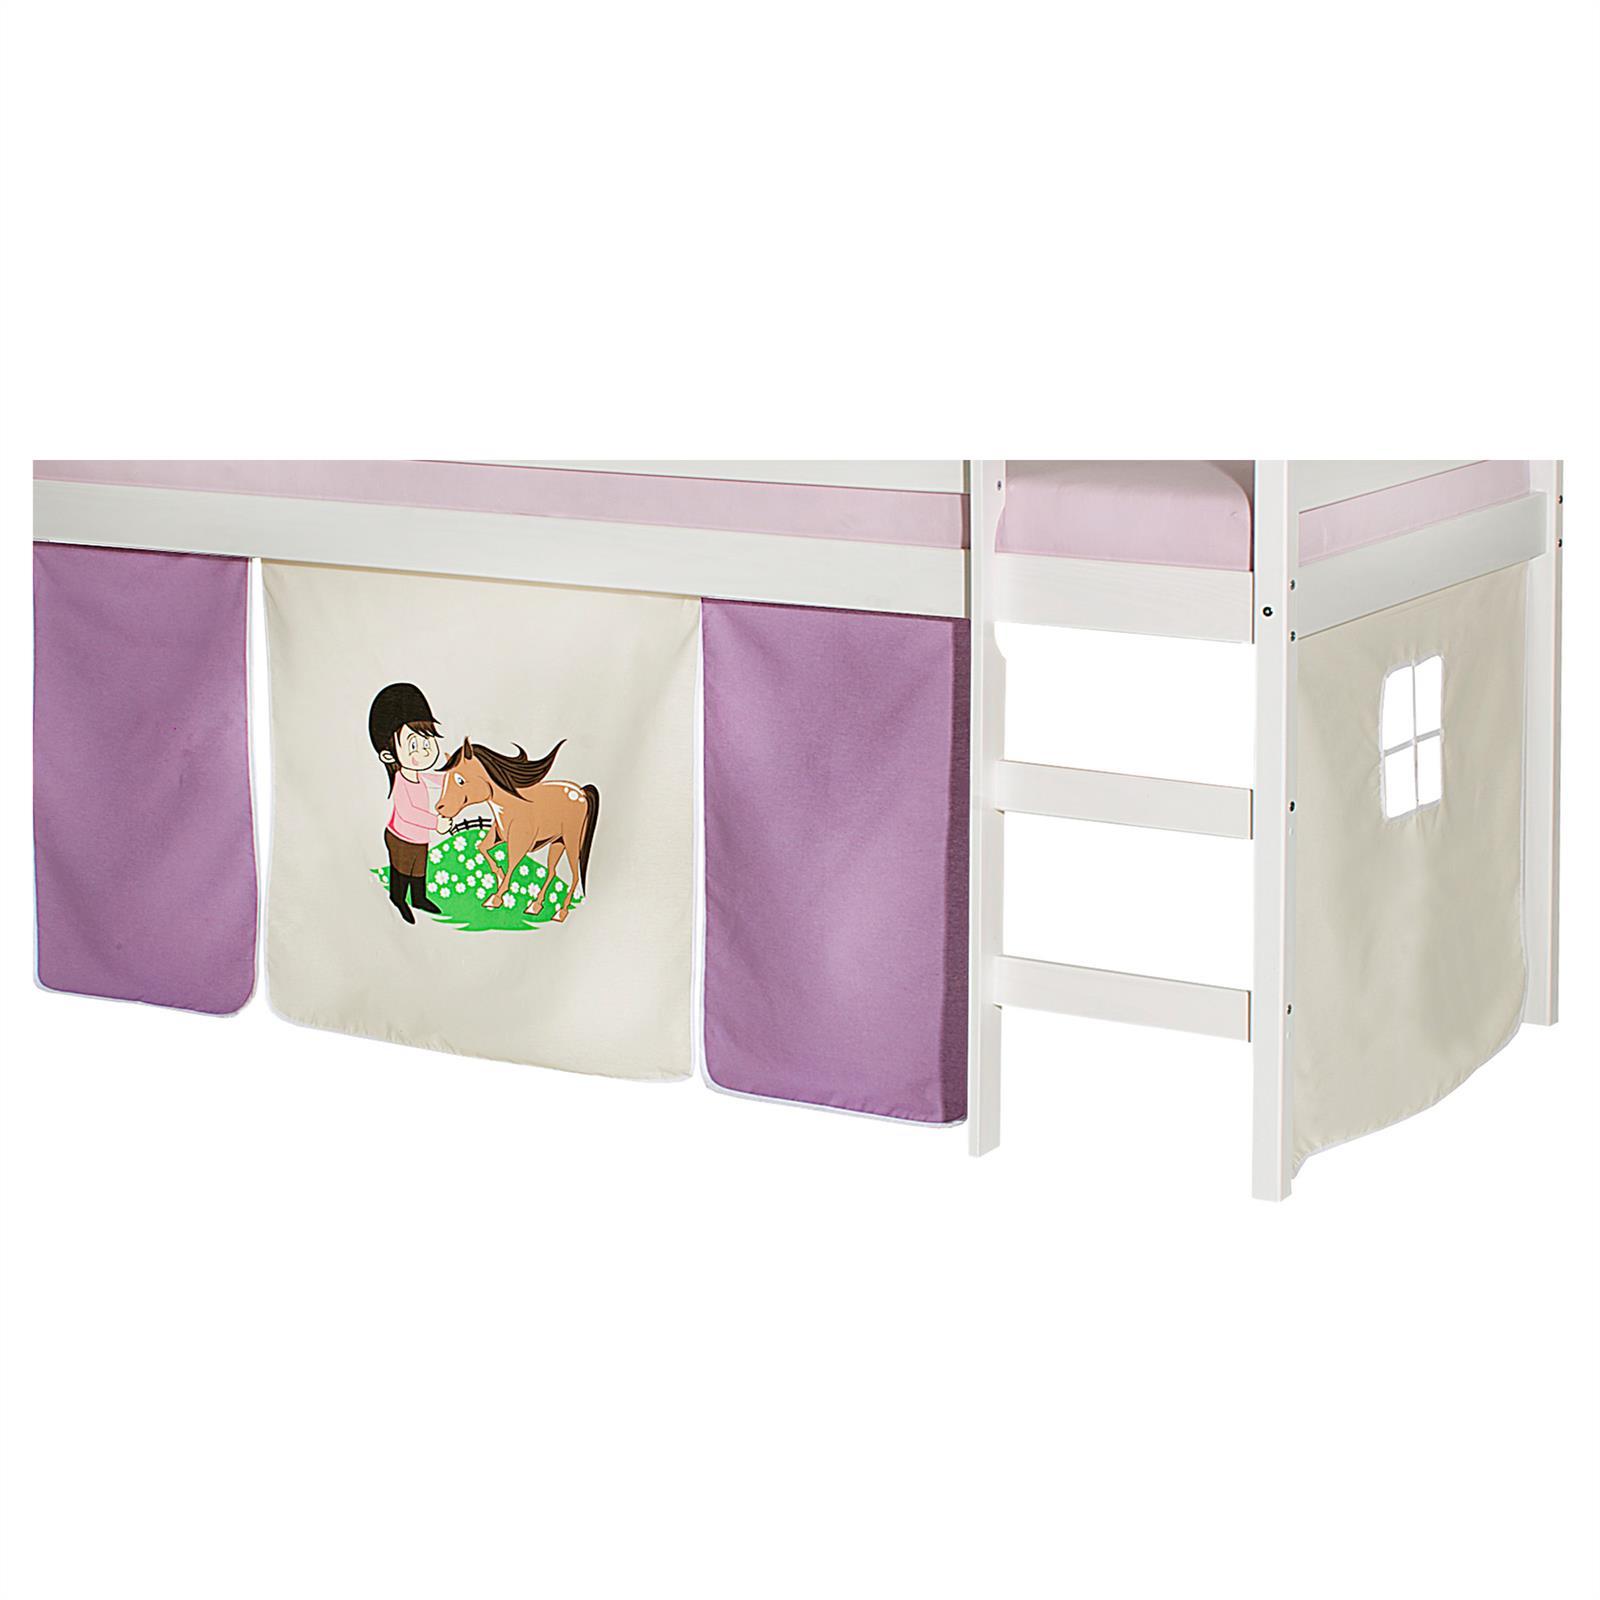 Lot de rideaux pour lit surélevé, motif Poney - | Mobil-Meubles